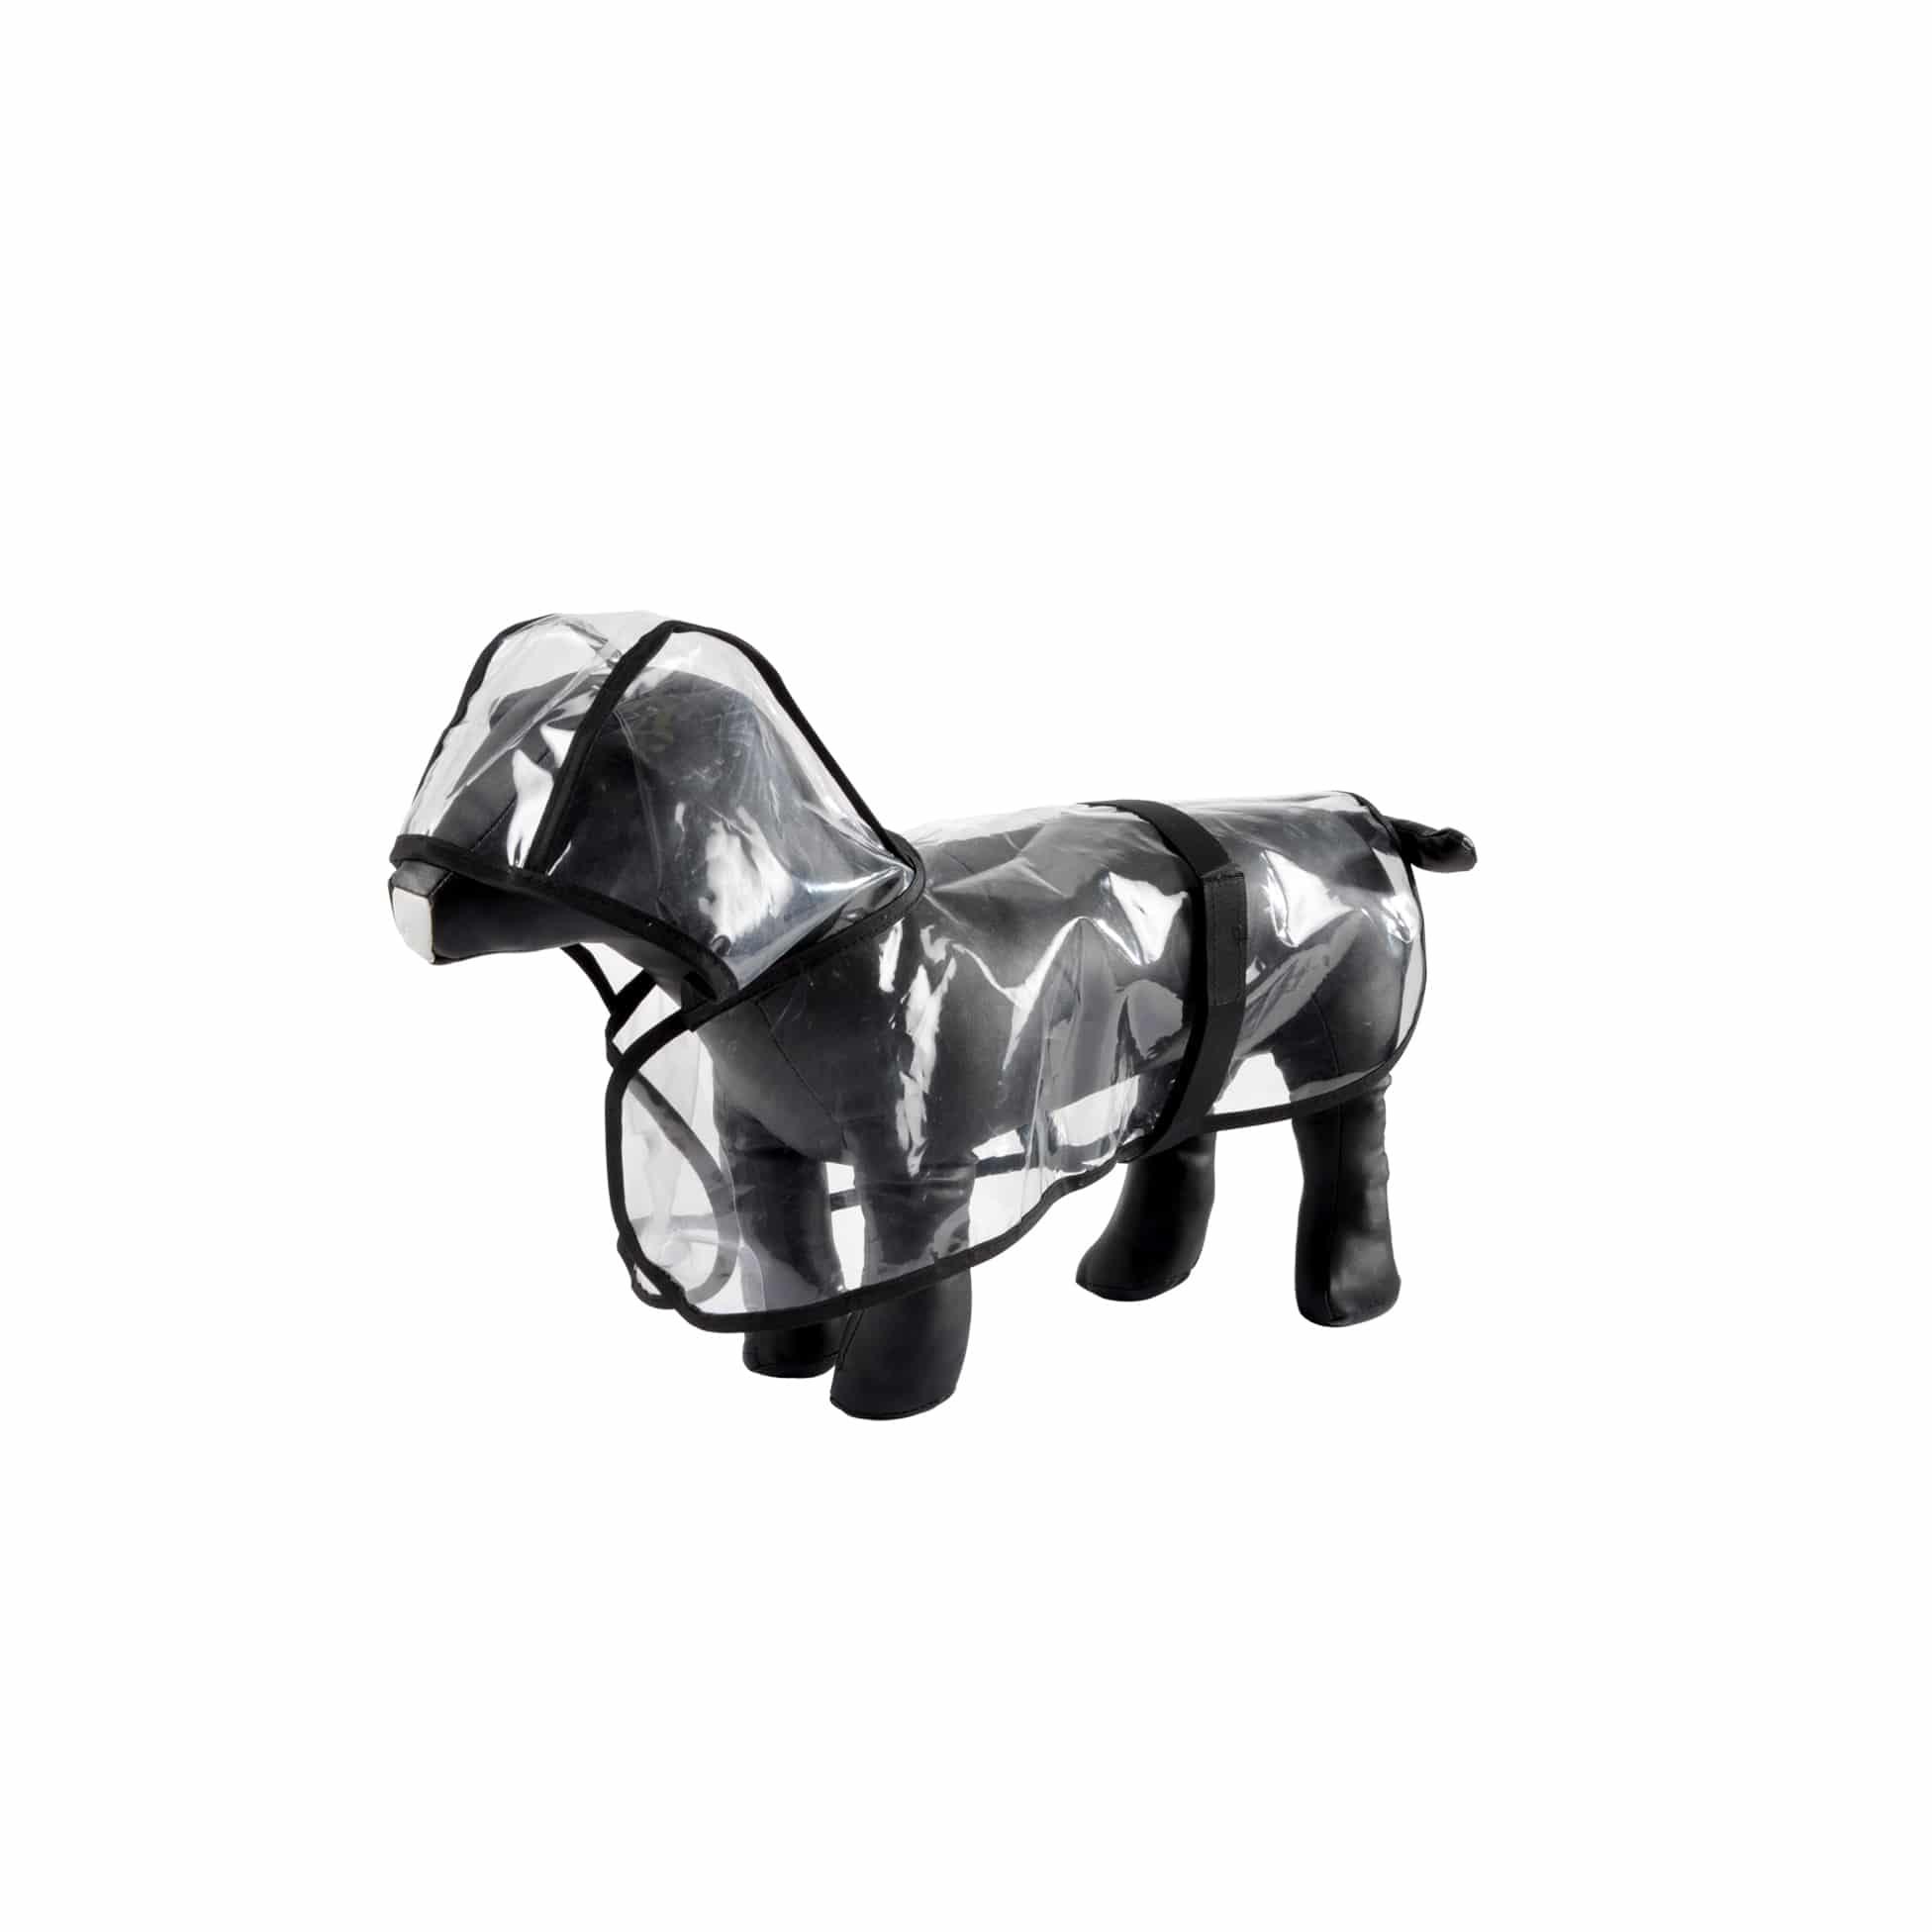 4goodz Transparante Honden Regenjas Small 30 cm - Transparant/zwart